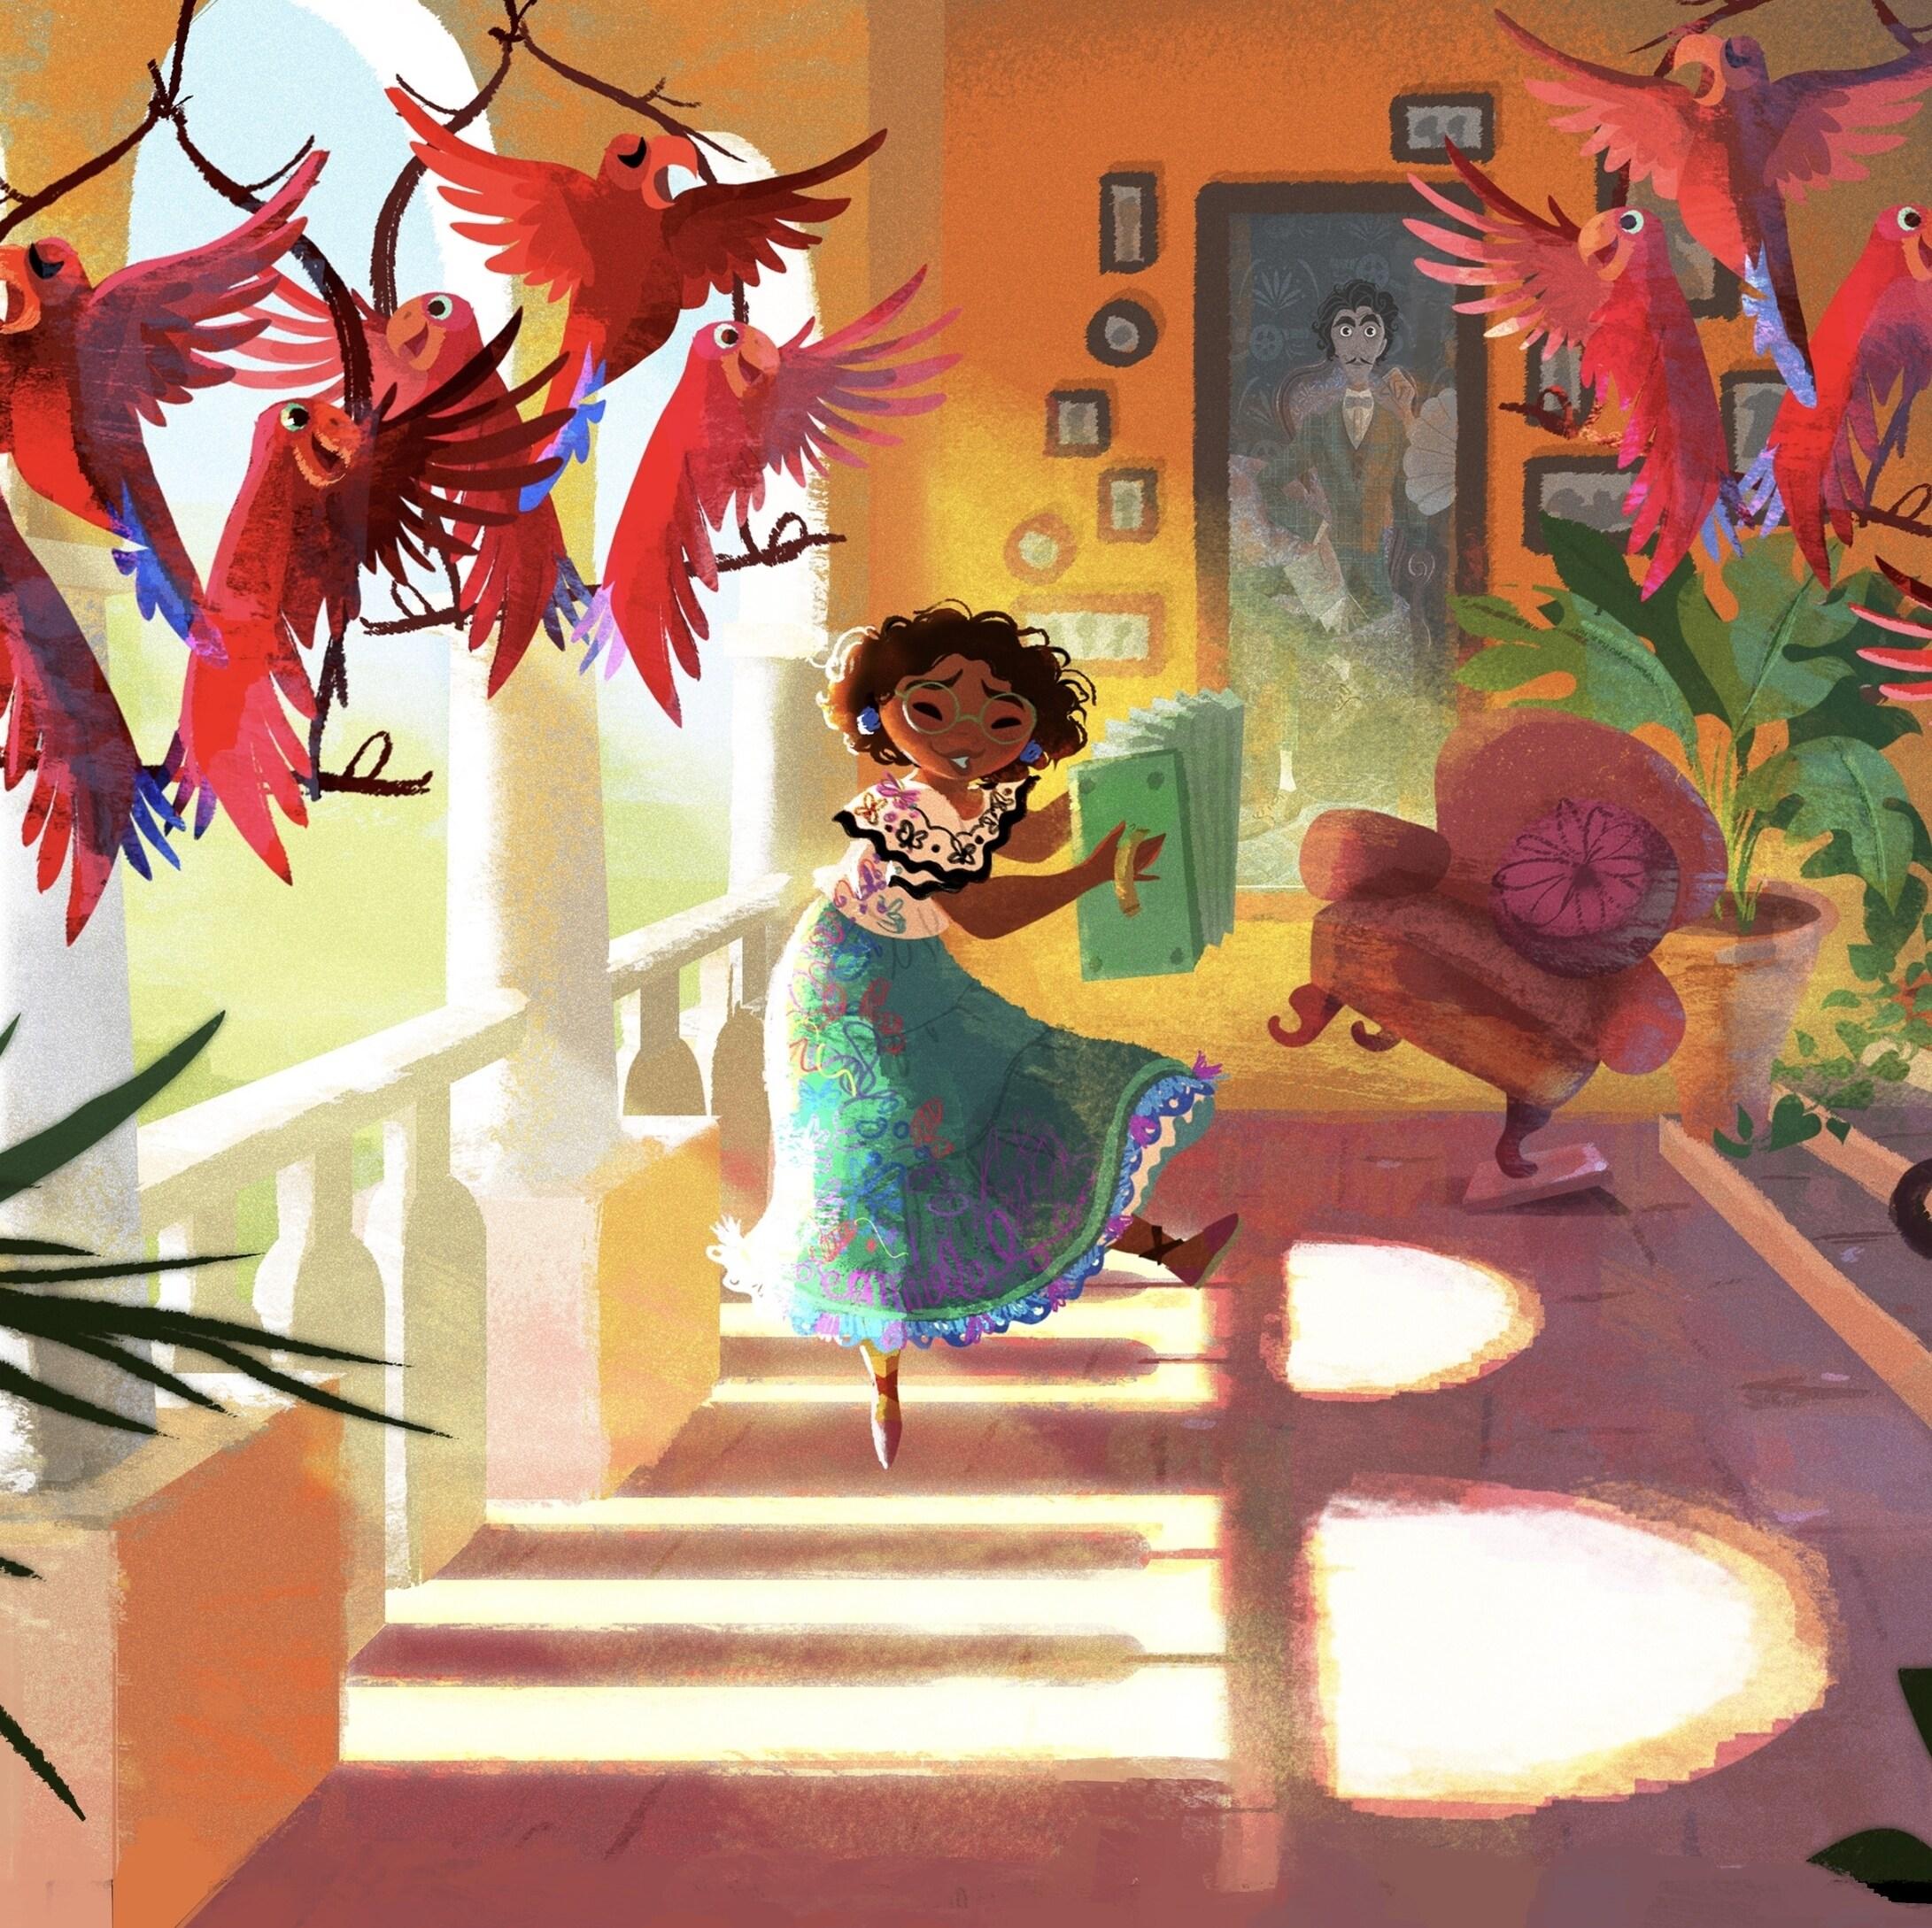 A Behind-the-Scenes Look at Walt Disney Animation Studios' Encanto